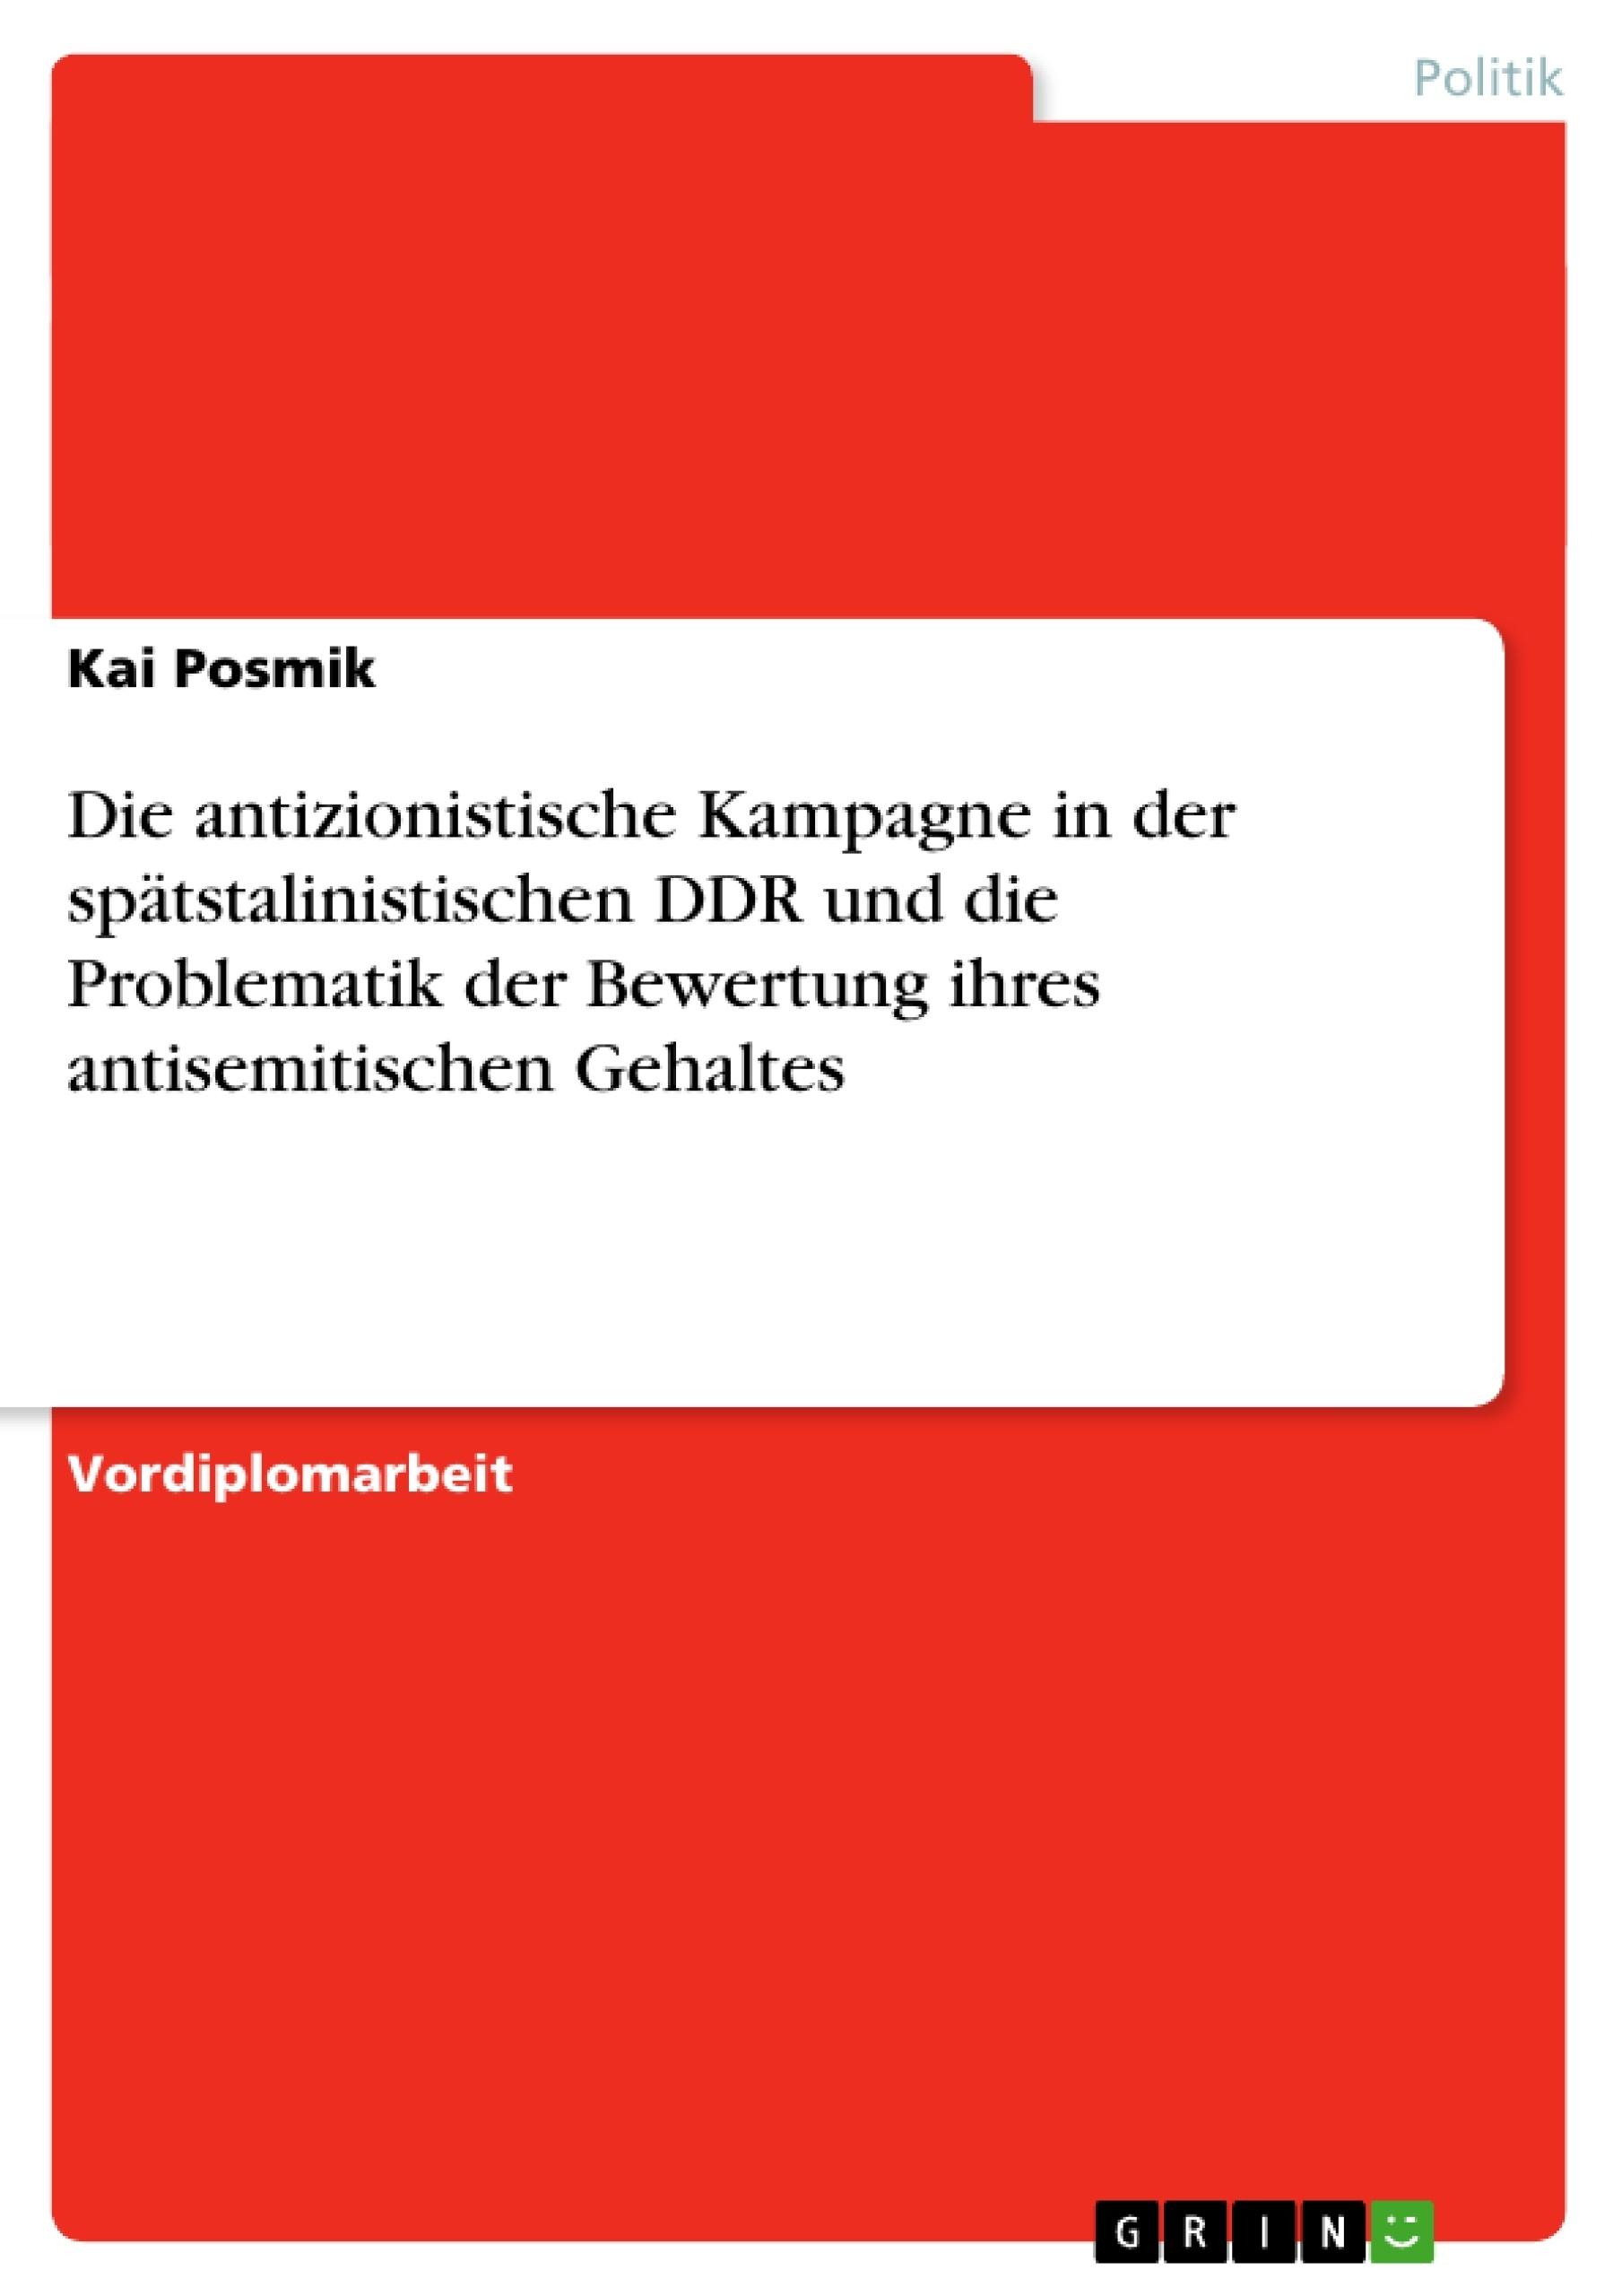 Titel: Die antizionistische Kampagne in der spätstalinistischen DDR und die Problematik der Bewertung ihres antisemitischen Gehaltes